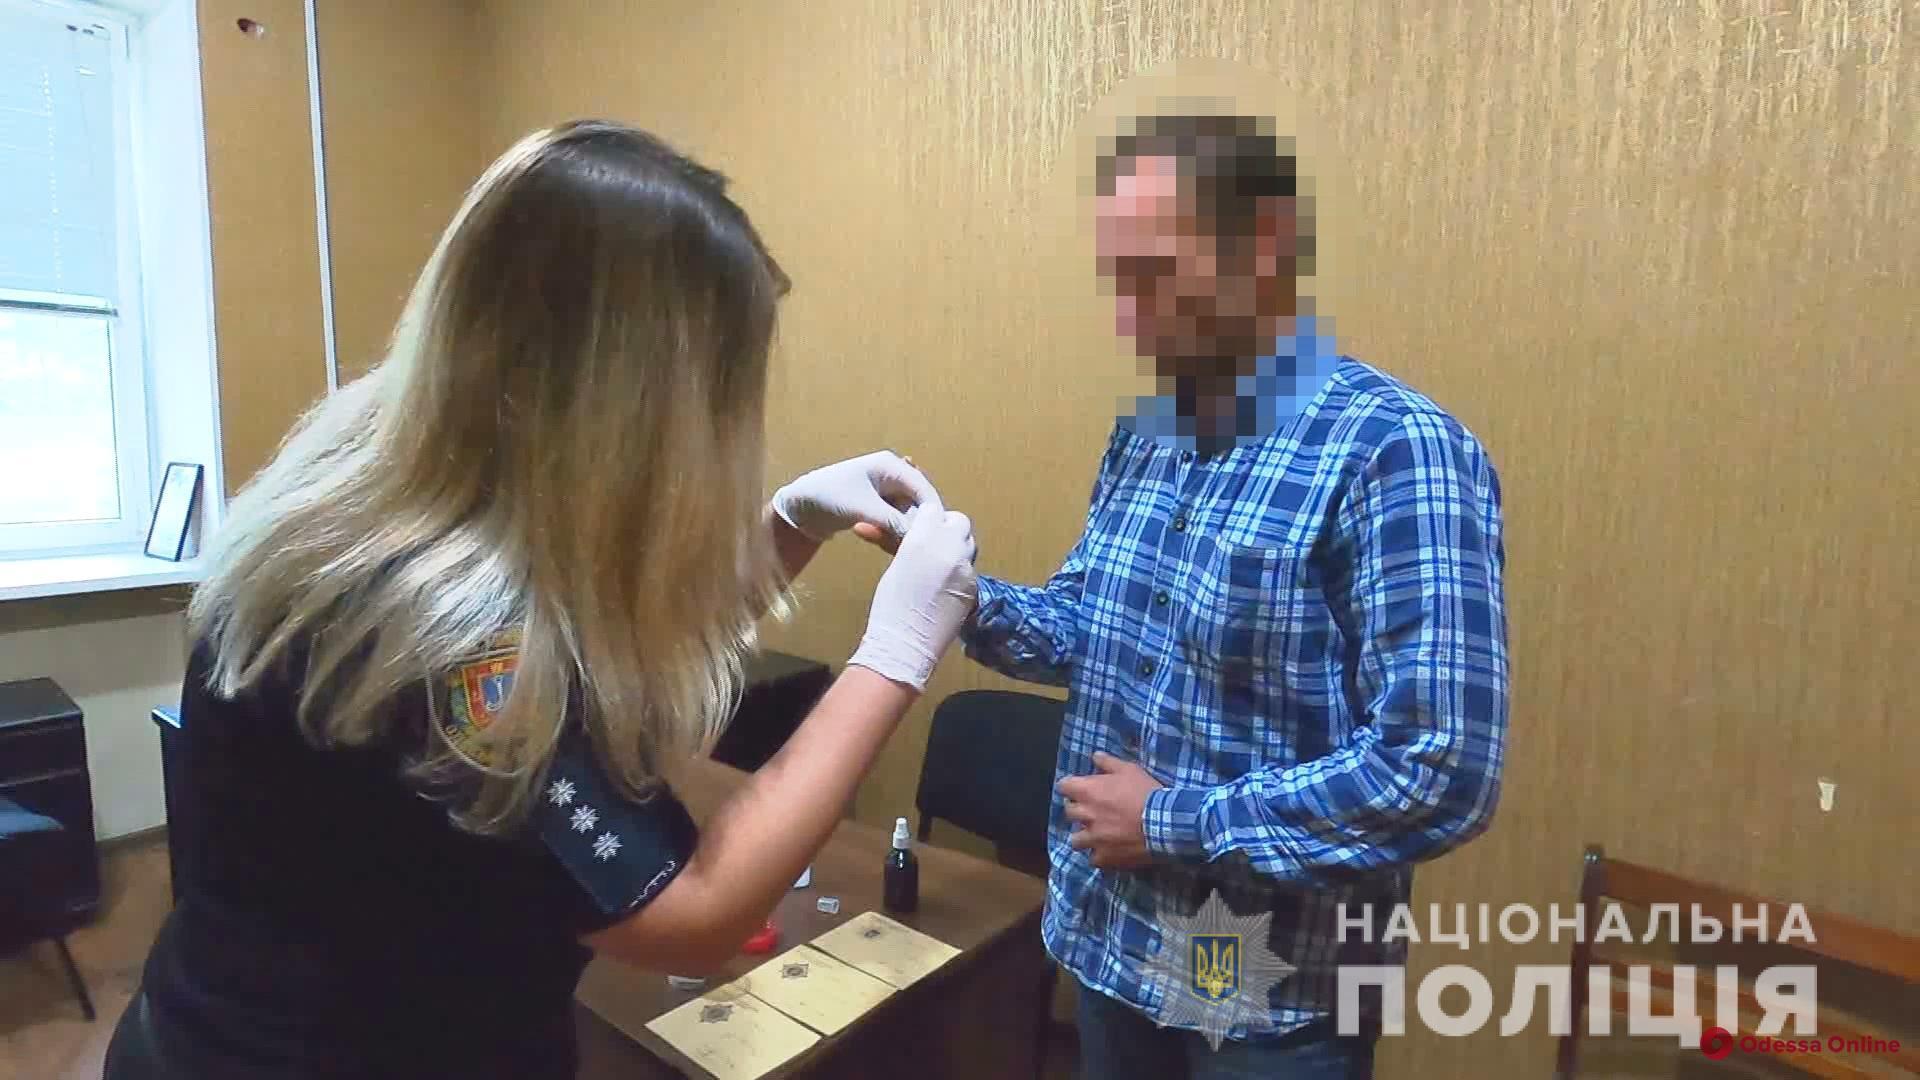 Планировал продать: херсонец прятал гранаты в камере хранения одесского супермаркета (фото, видео)